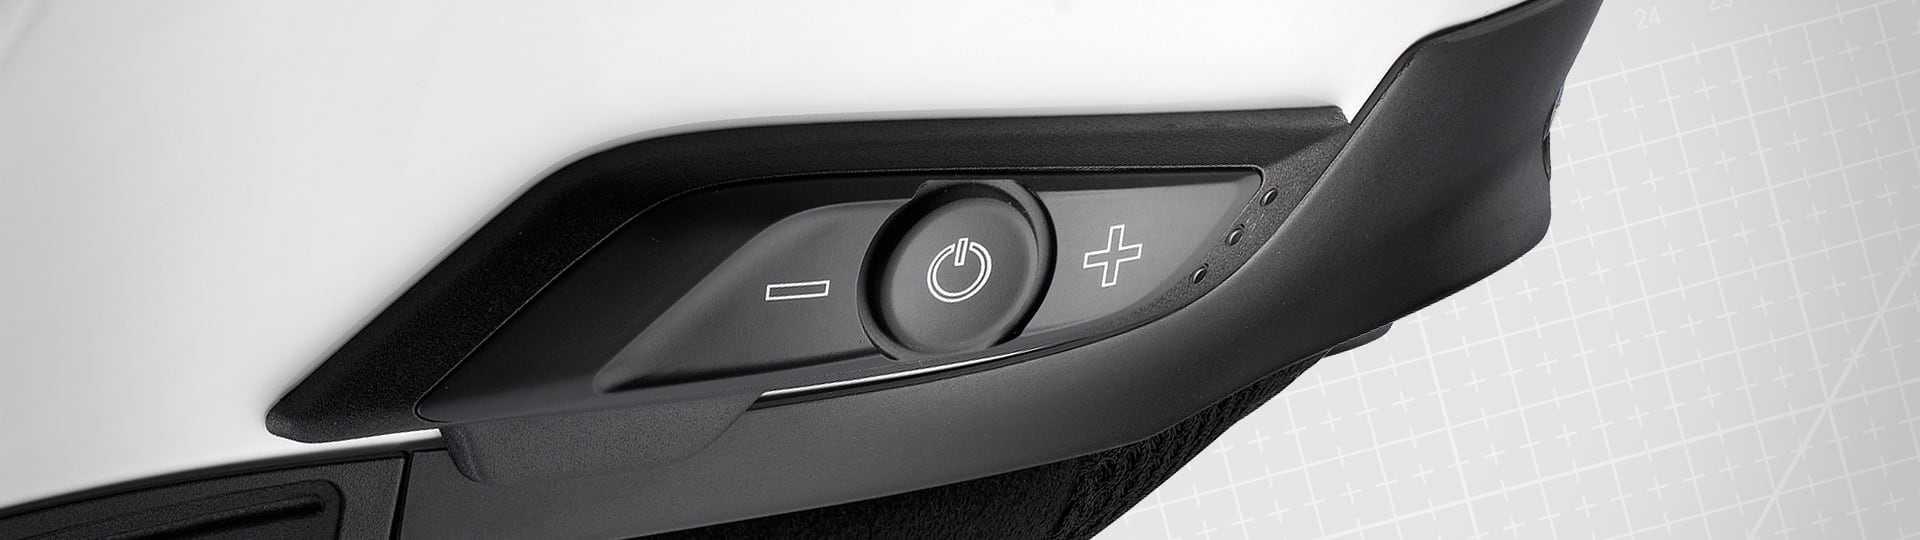 Зарядное устройство BMW, 61432408592 — 9600 руб.